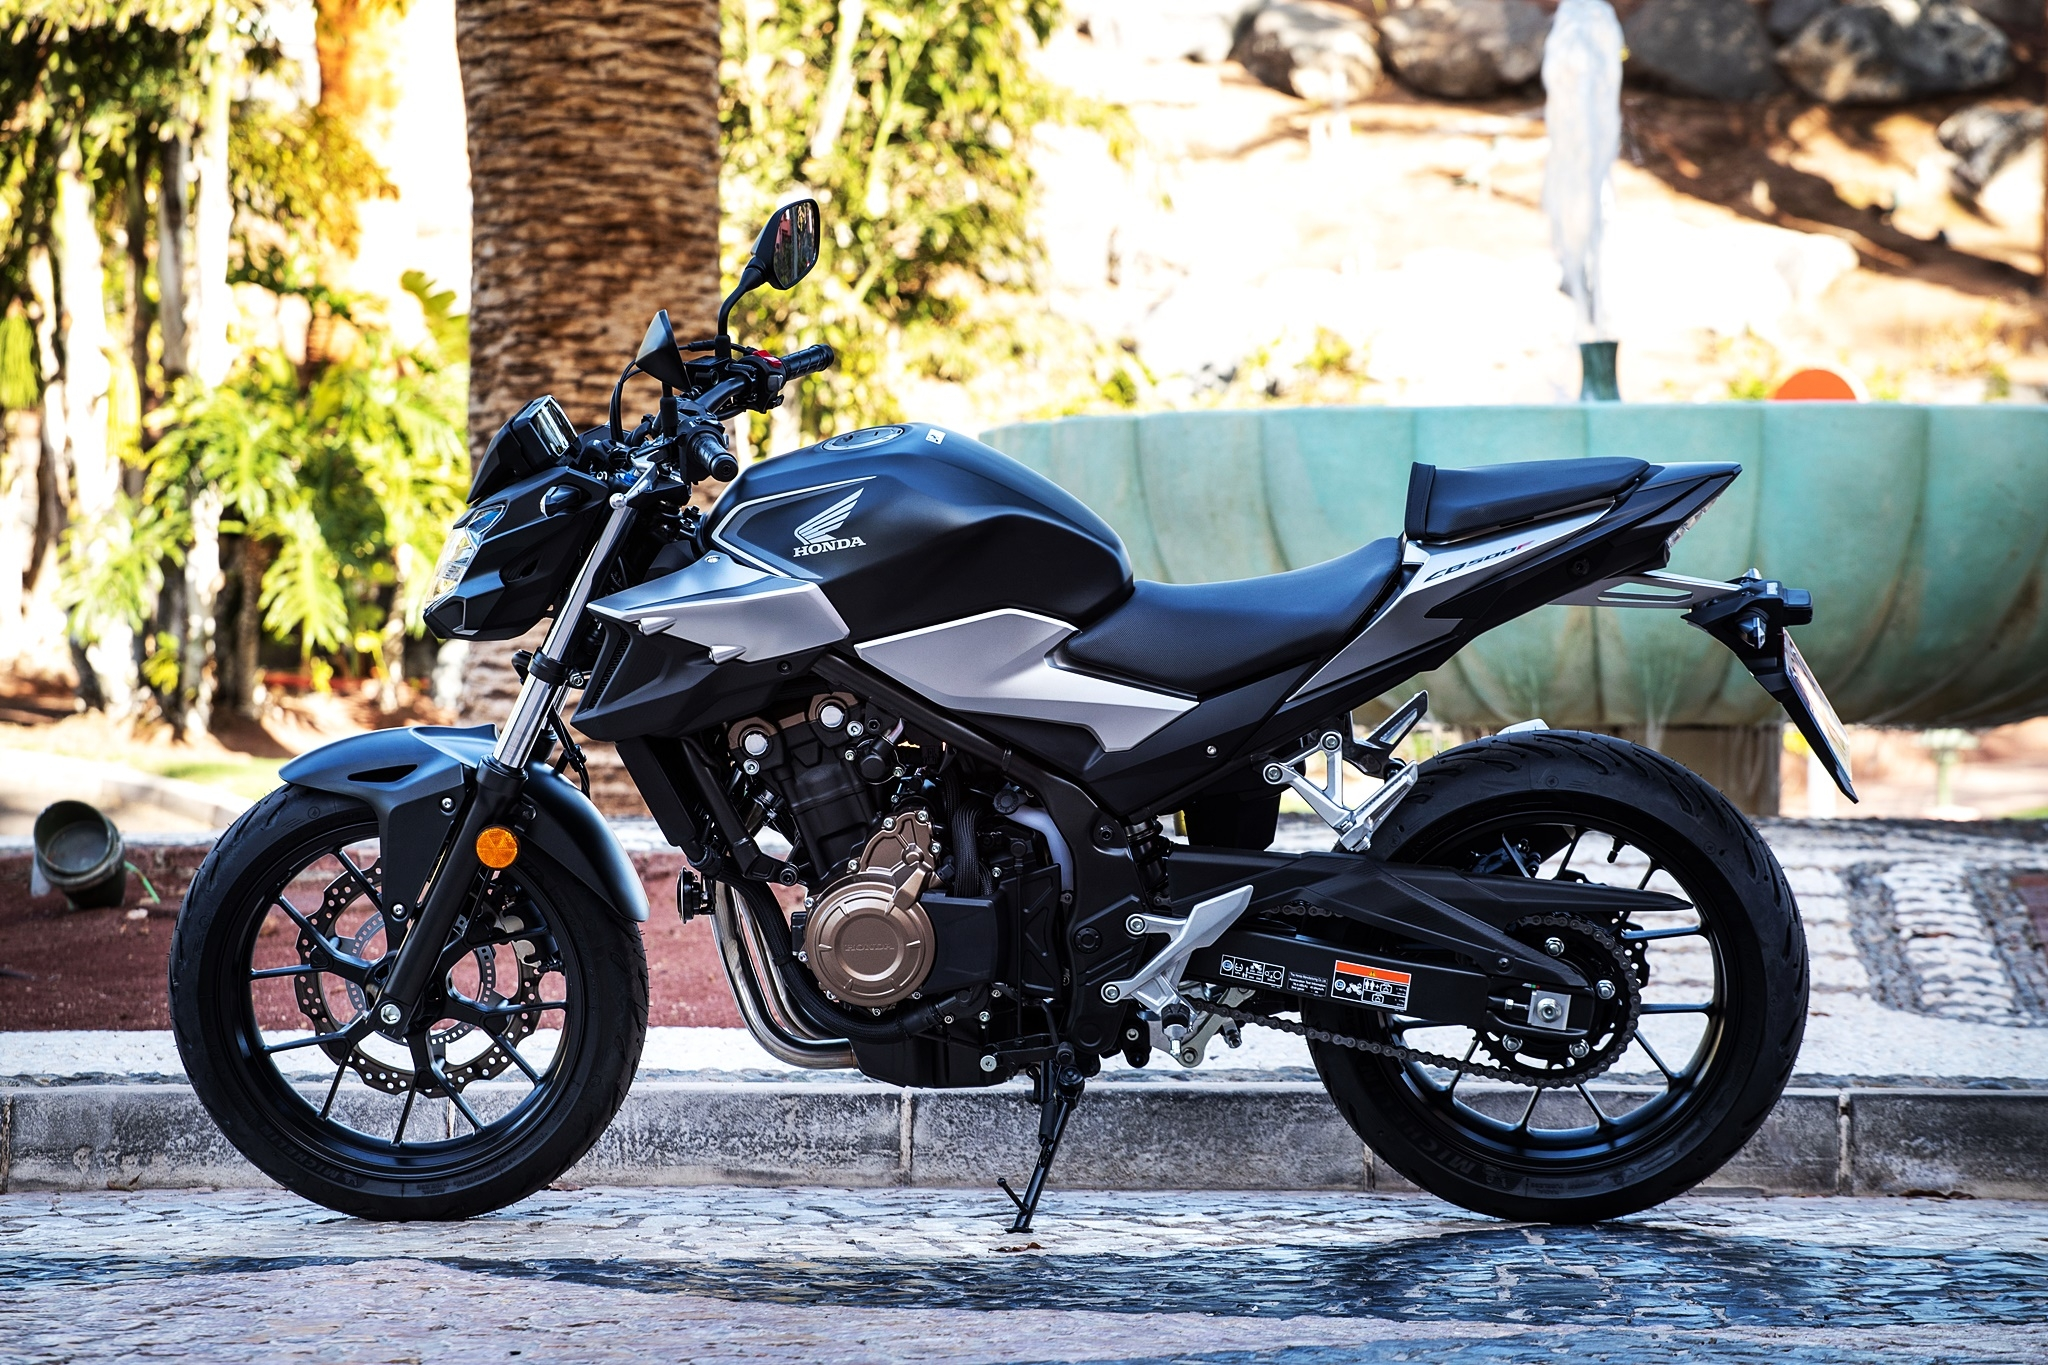 Essai Honda Cb500 F Le Streetfighter Pour Tous Et Toutes